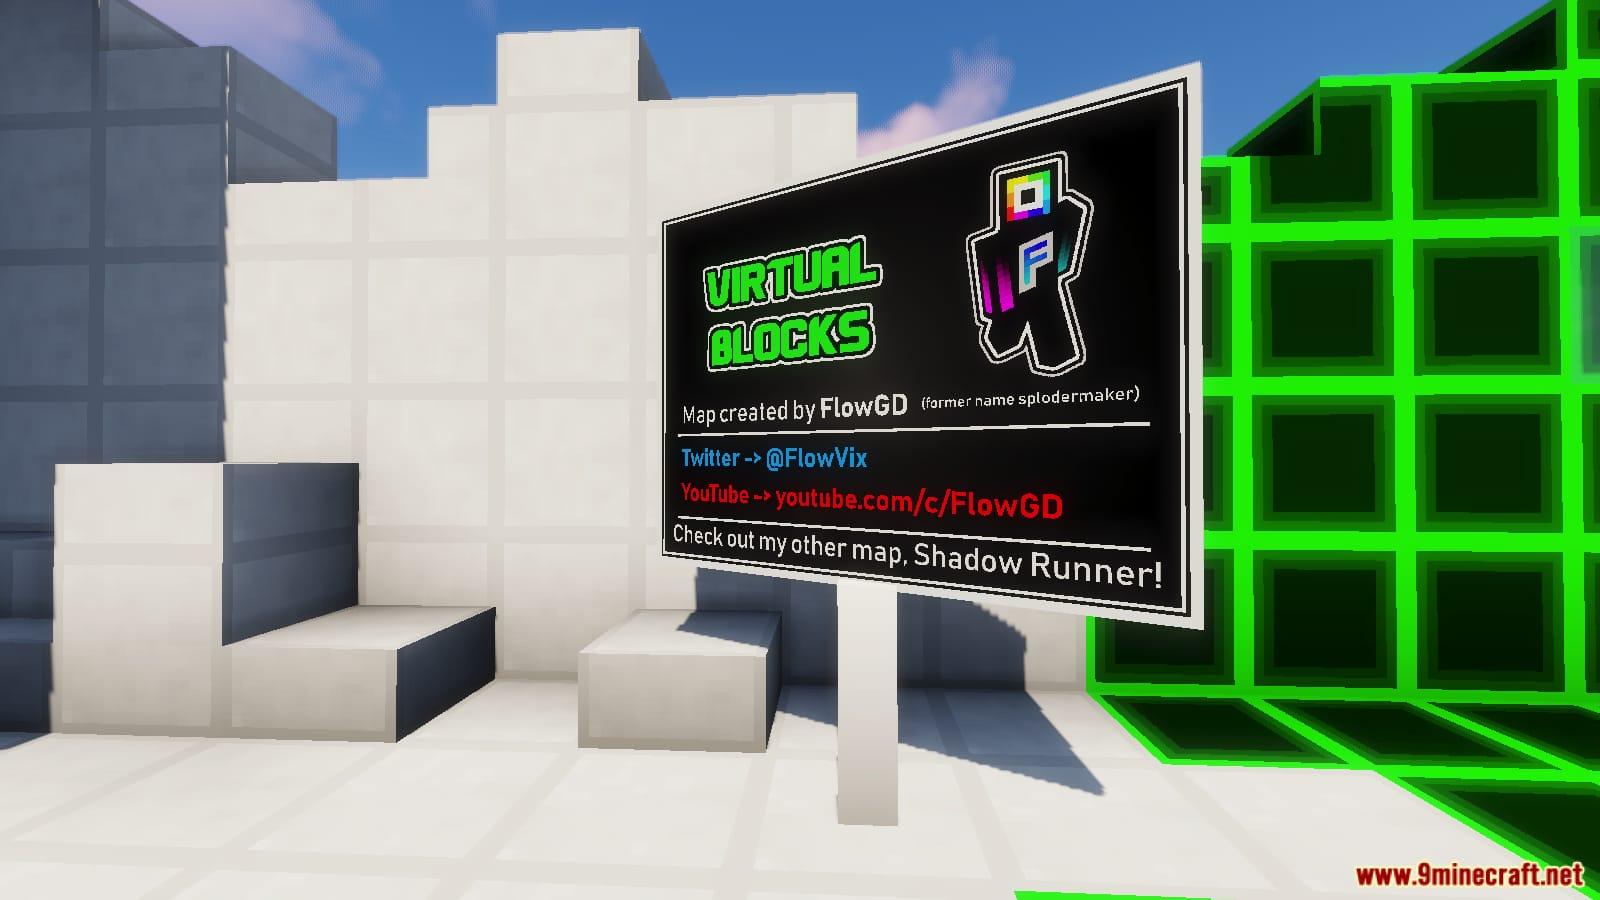 Virtual Blocks Map Screenshots 1